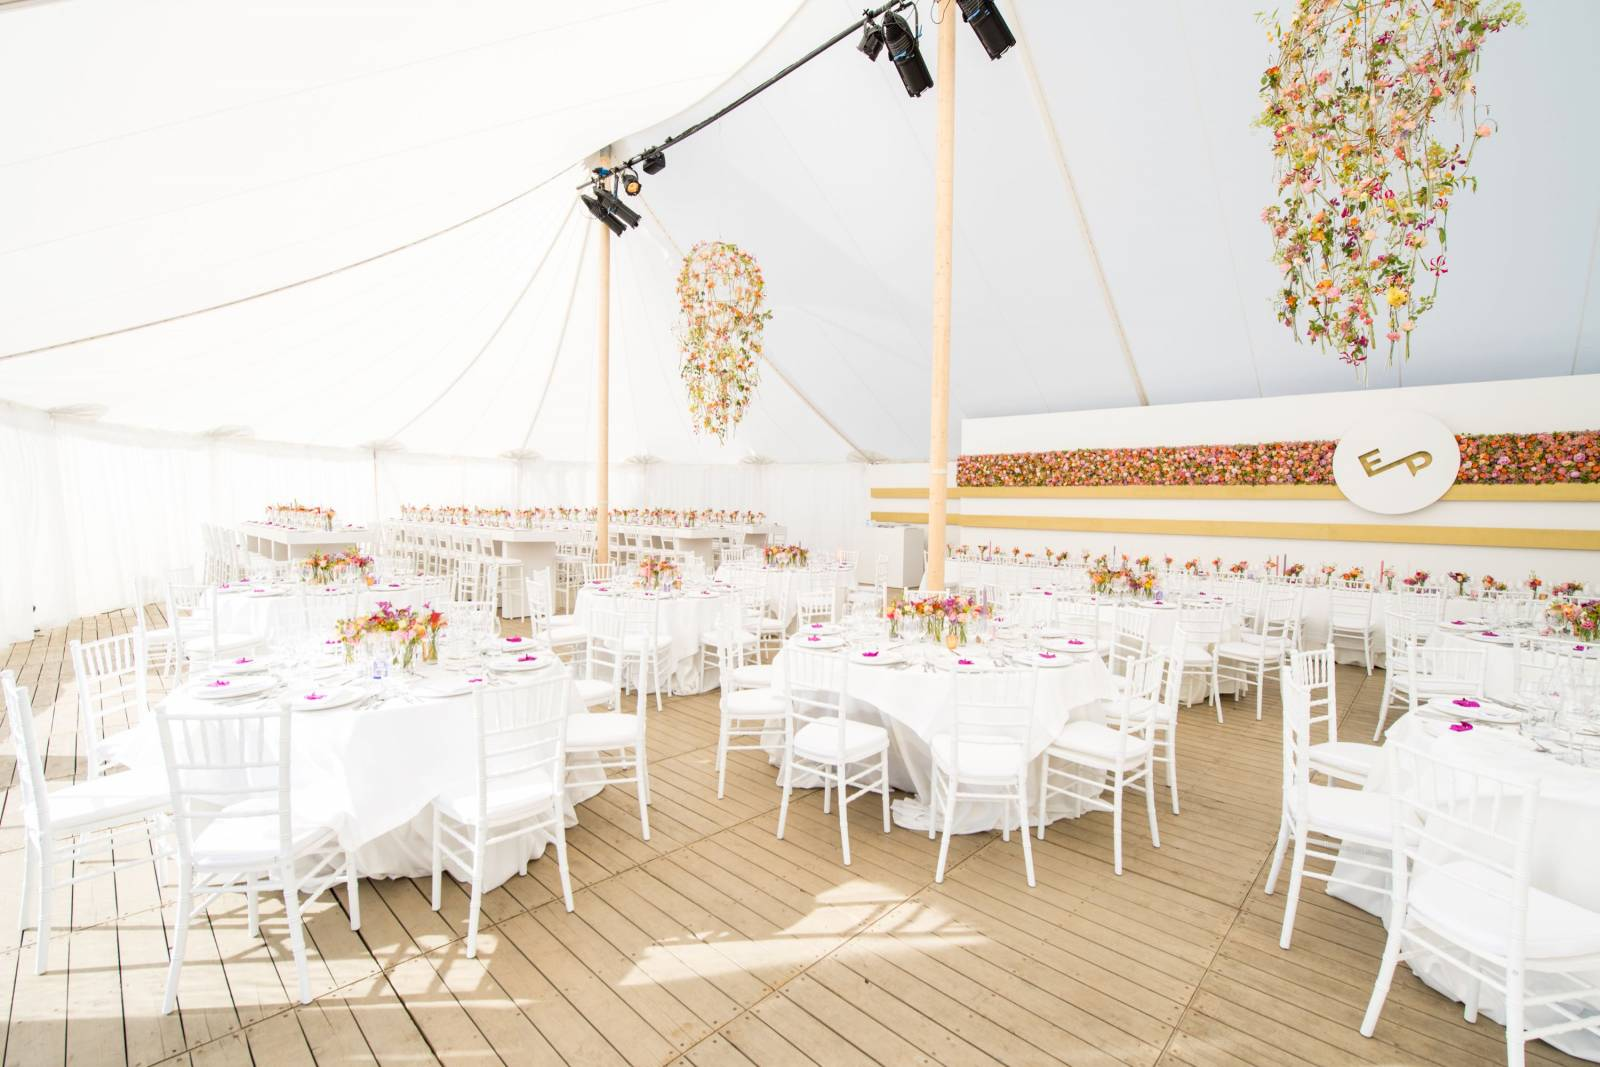 Altiro Tenten - Wedding Tent - Feesttent - Huwelijk trouw bruiloft - House of Weddings - 30